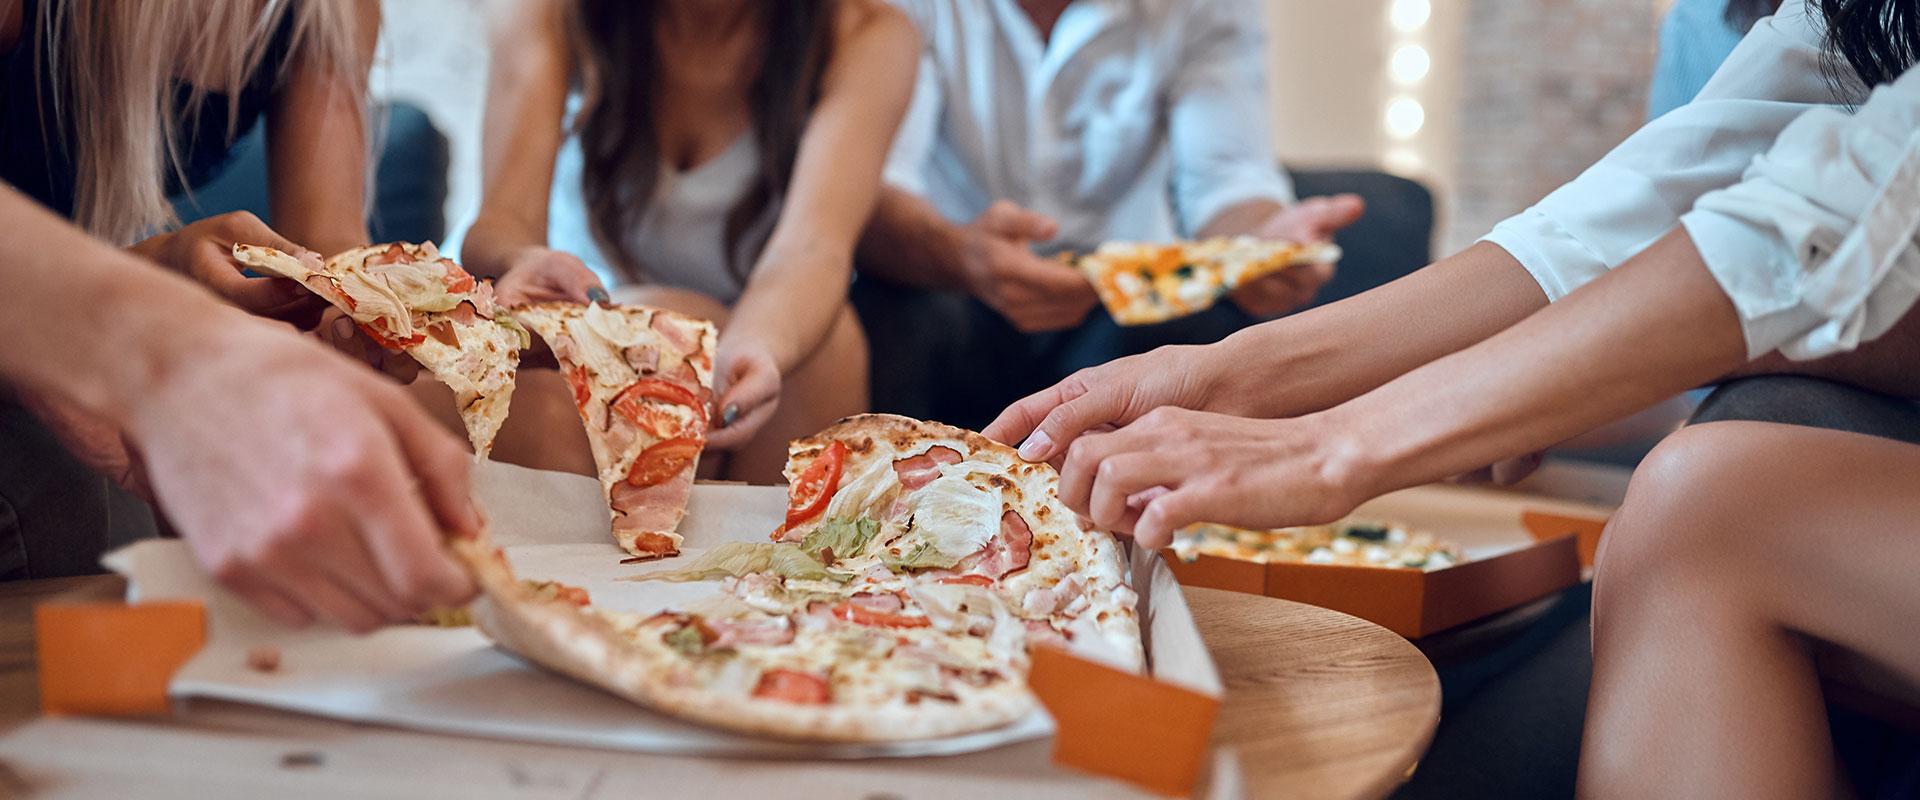 Croco Pizza, la pizzeria dans un bus à Carcassonne